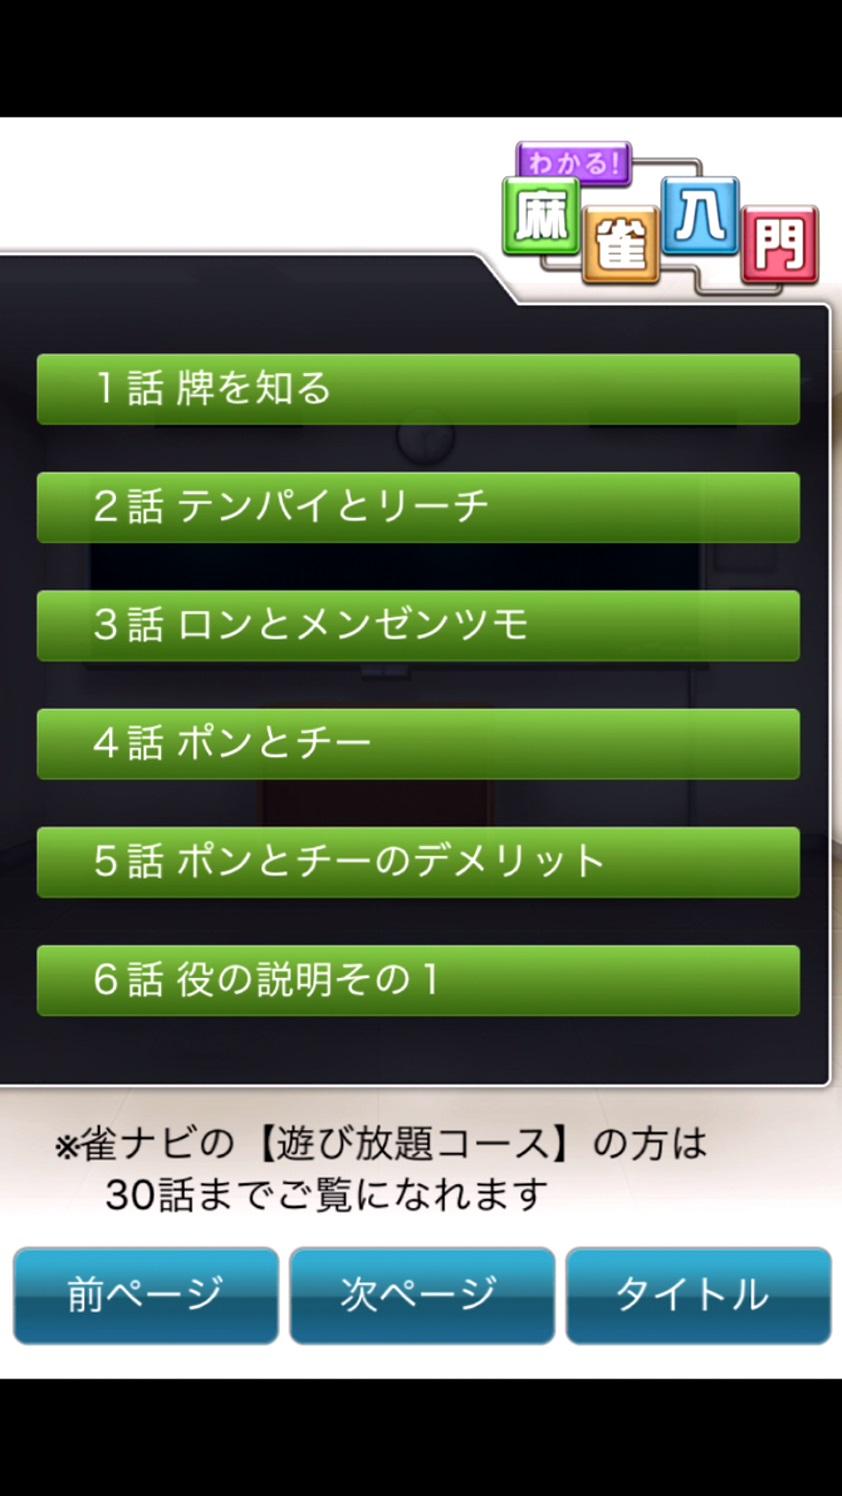 わかる!麻雀入門 androidアプリスクリーンショット1